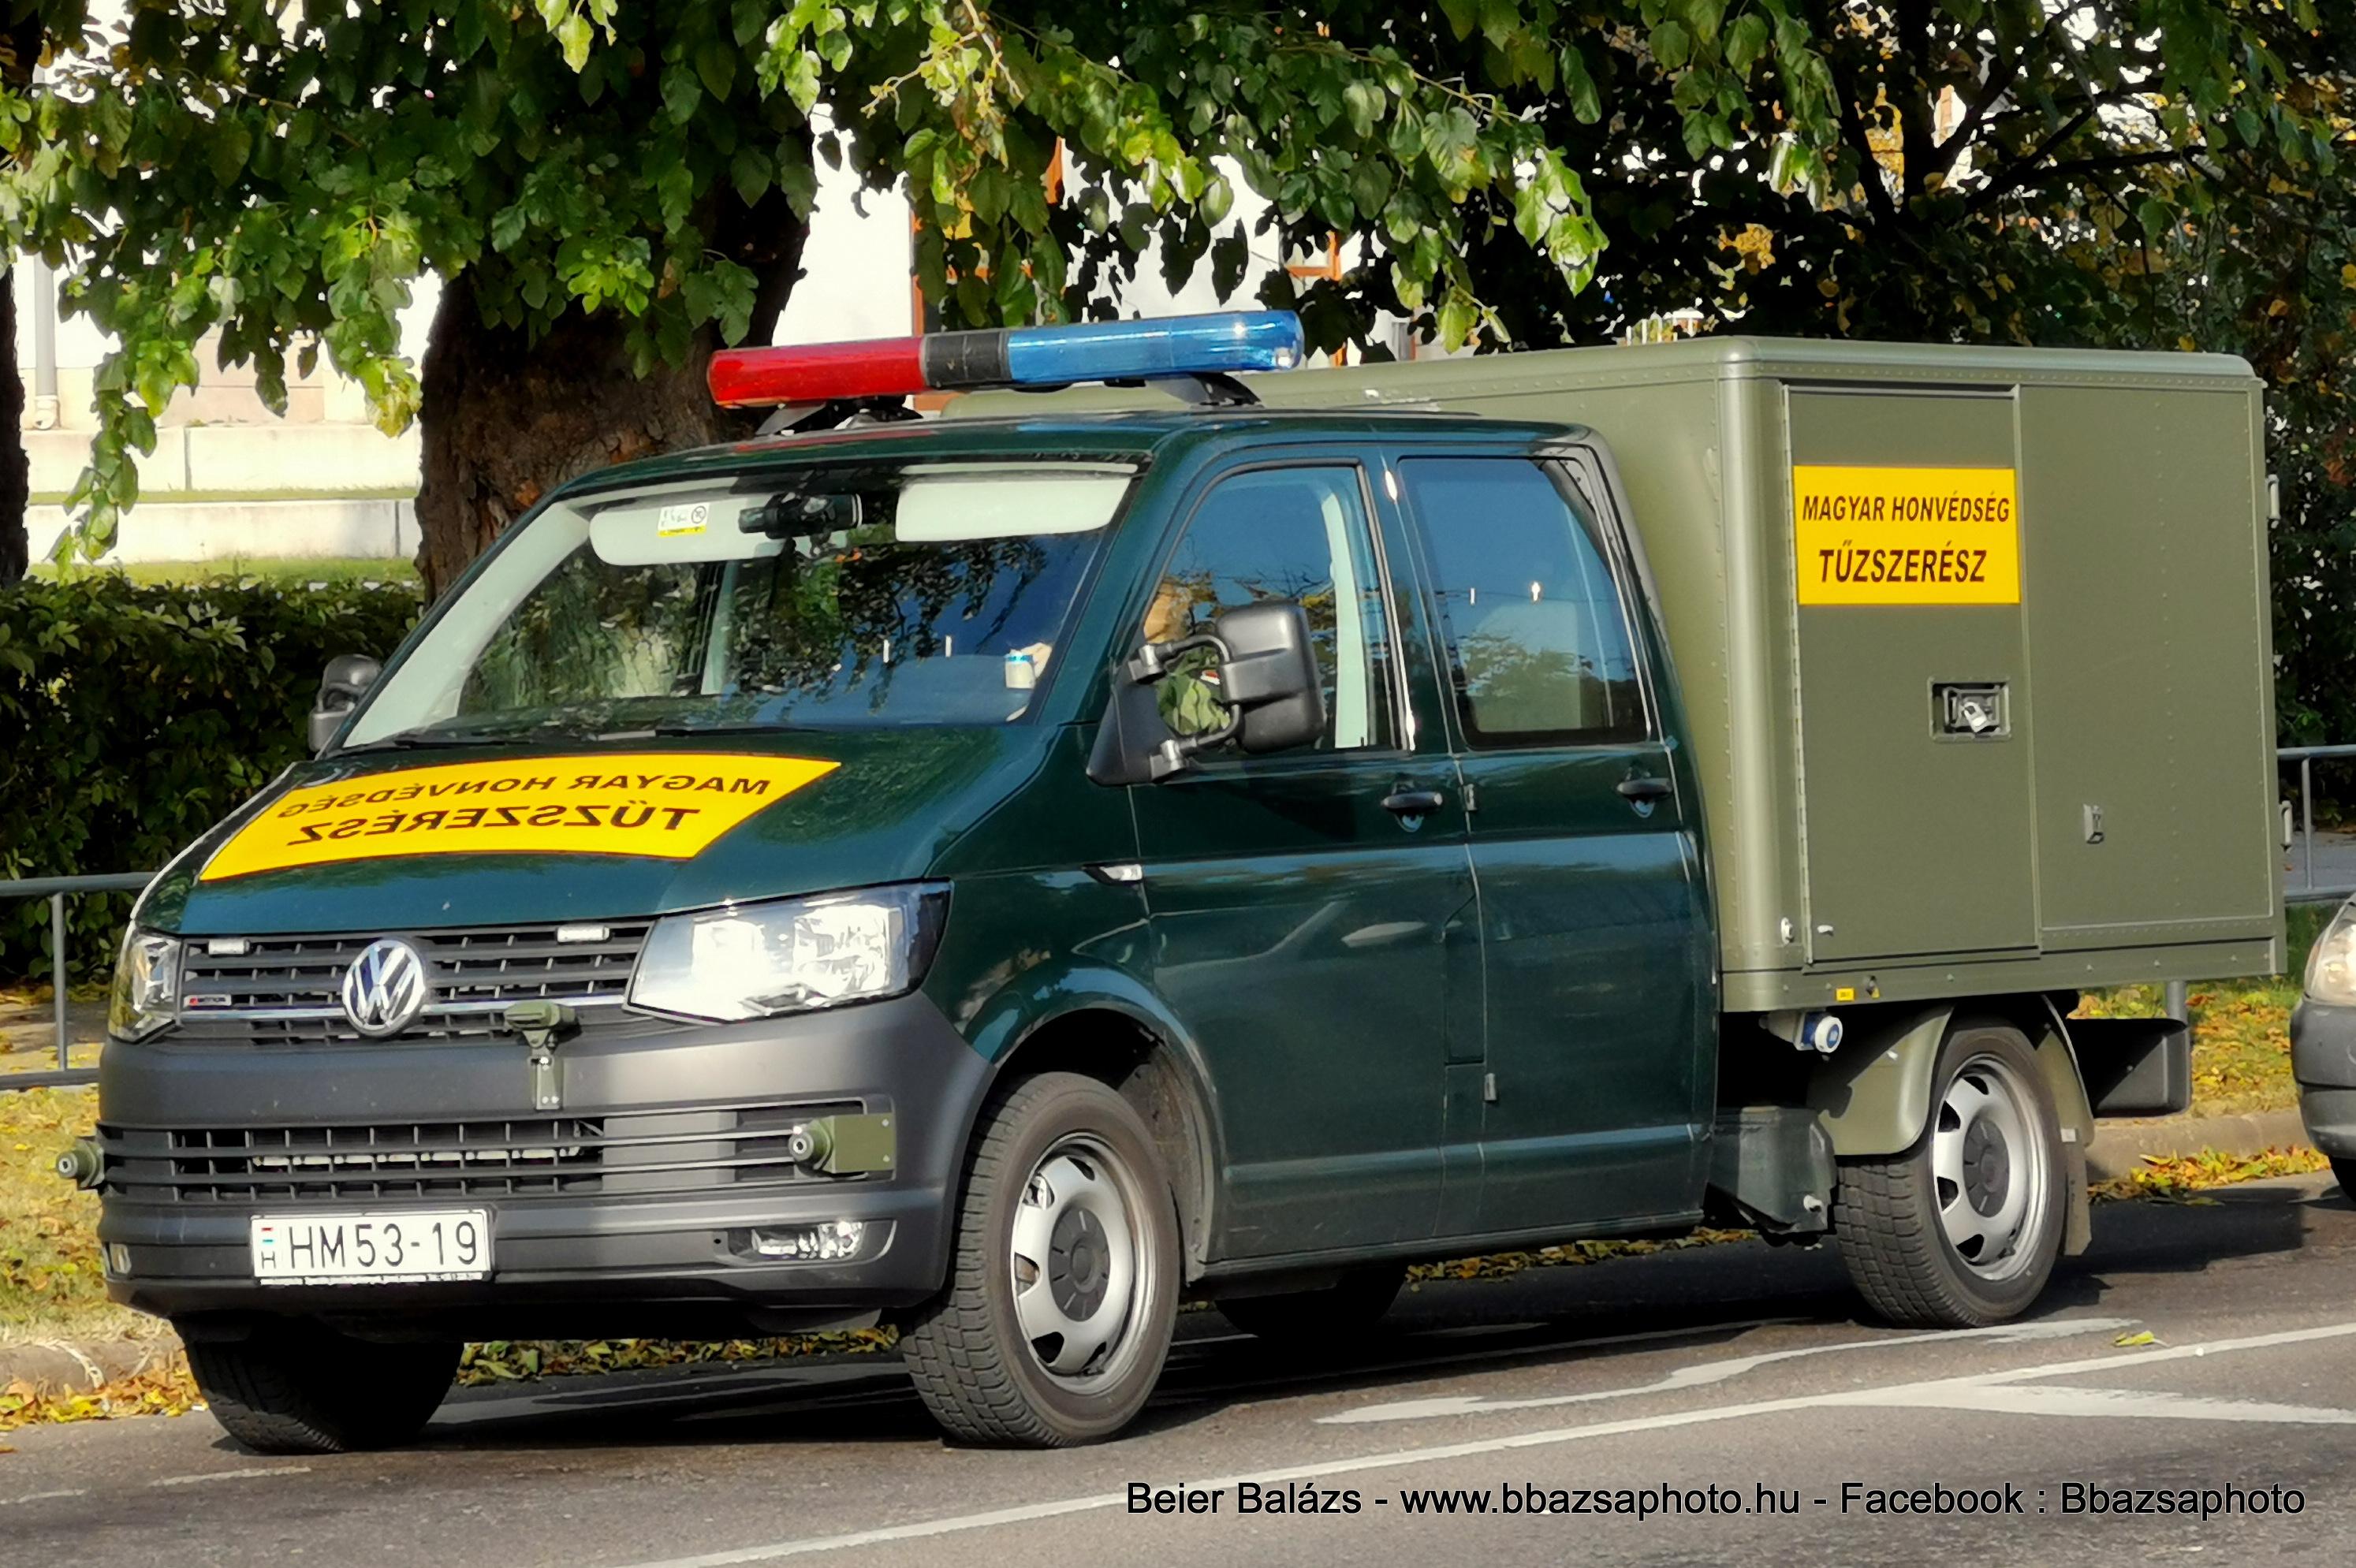 Volkswagen Transporter T6 – Tűzszerész